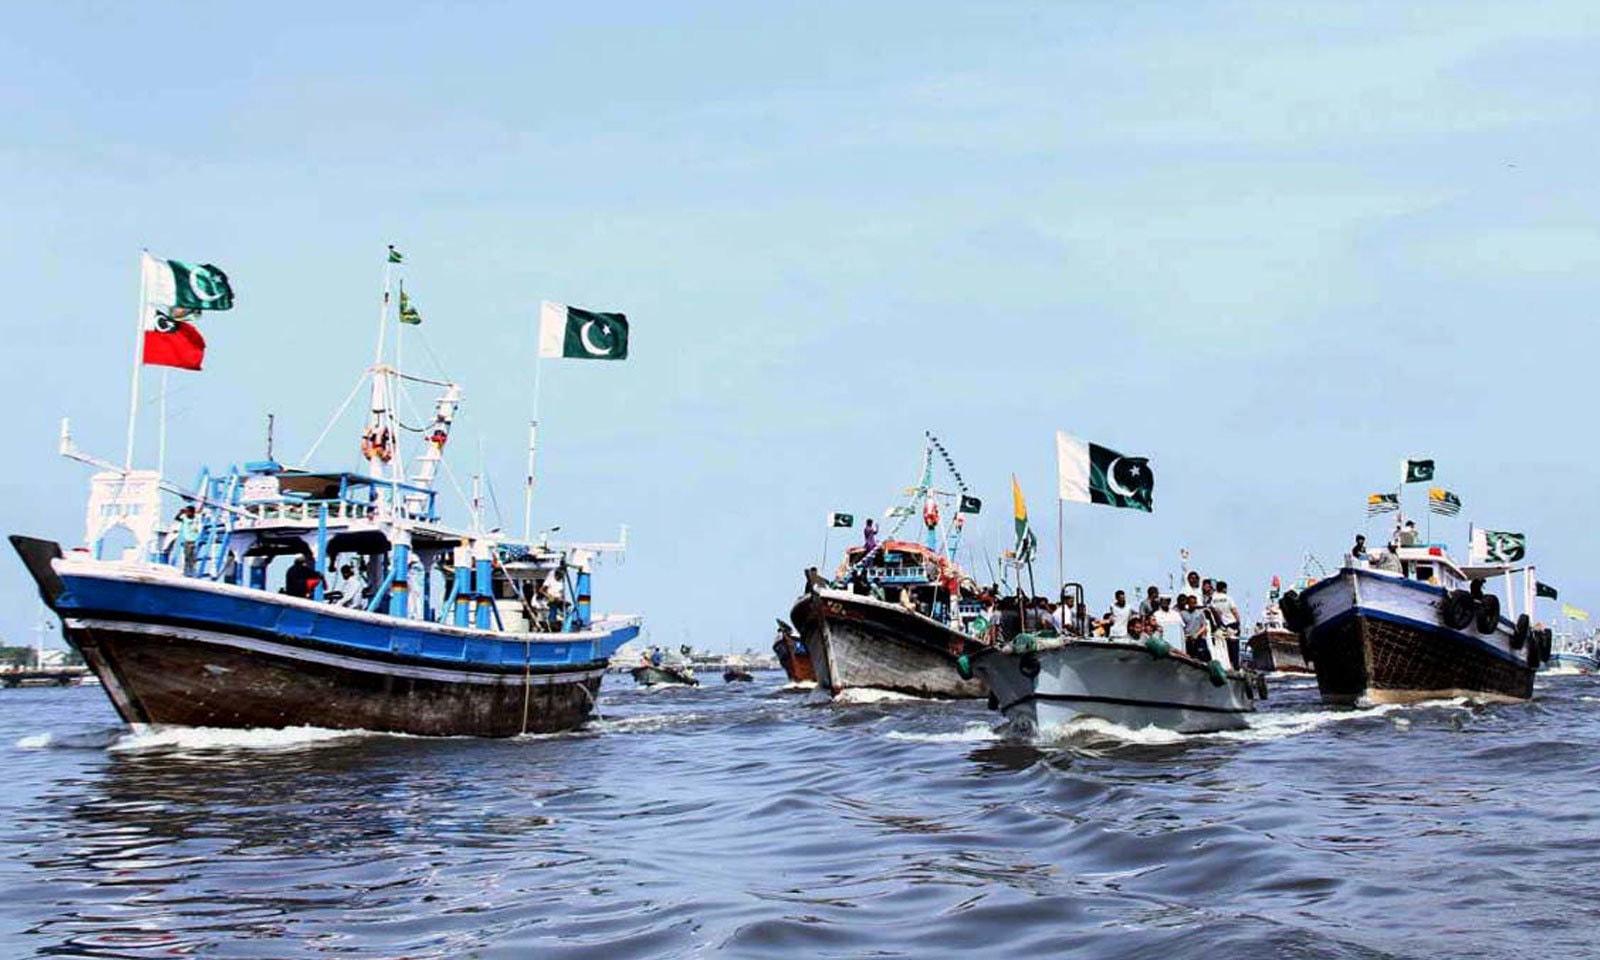 کراچی کے ساحل پر یوم دفاع کے موقع پر بوٹ ریلی کا انعقاد کیا گیا — فوٹو: اے پی پی